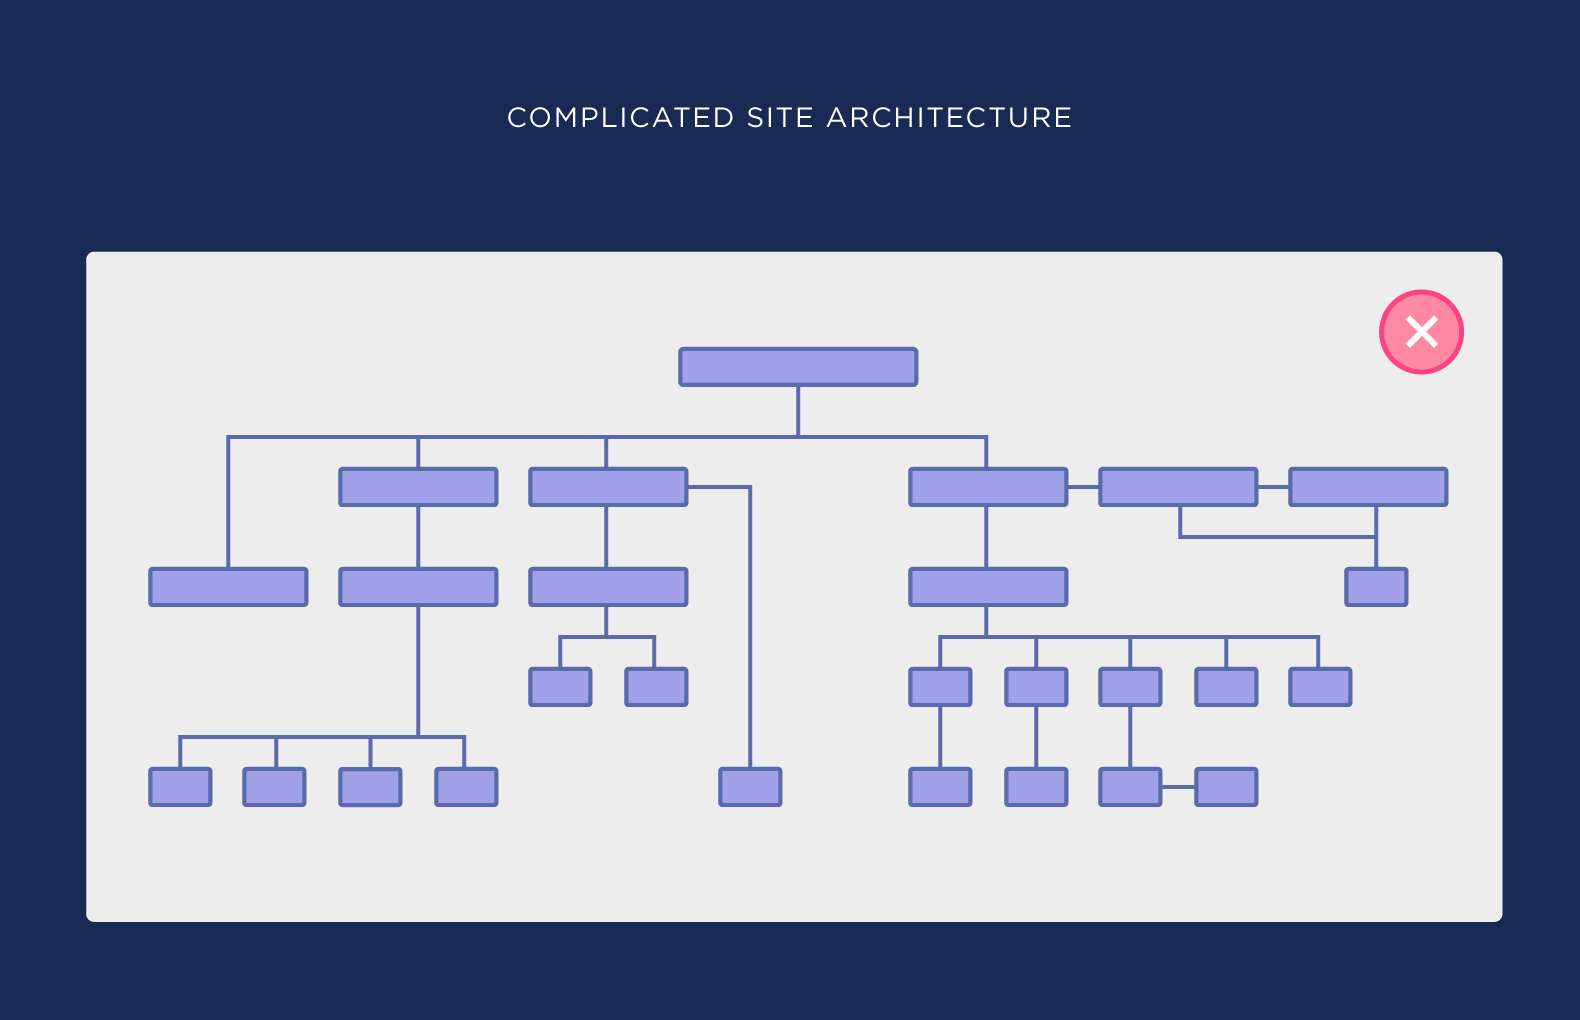 معماری سایت ساده